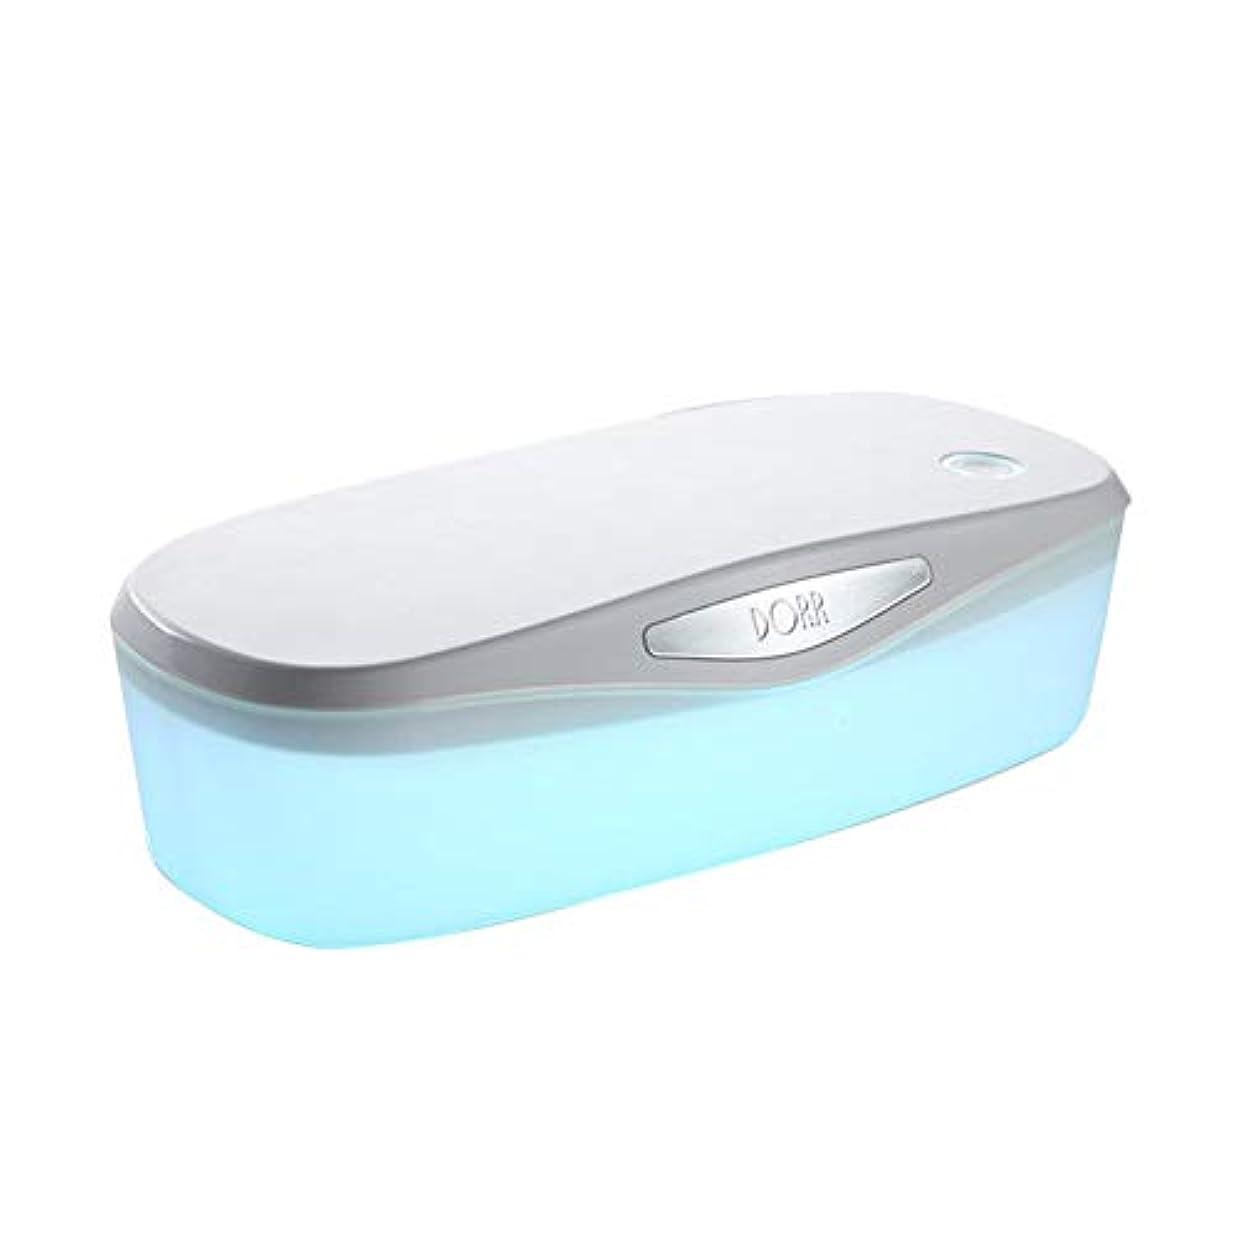 トイレ変色する債権者紫外線殺菌箱、携帯用USBの抗菌性のオゾン殺菌の殺菌ランプが付いている紫外線殺菌装置、おしゃぶりのための美用具の滅菌装置成人用製品大広間用具食器類化粧筆歯ブラシ